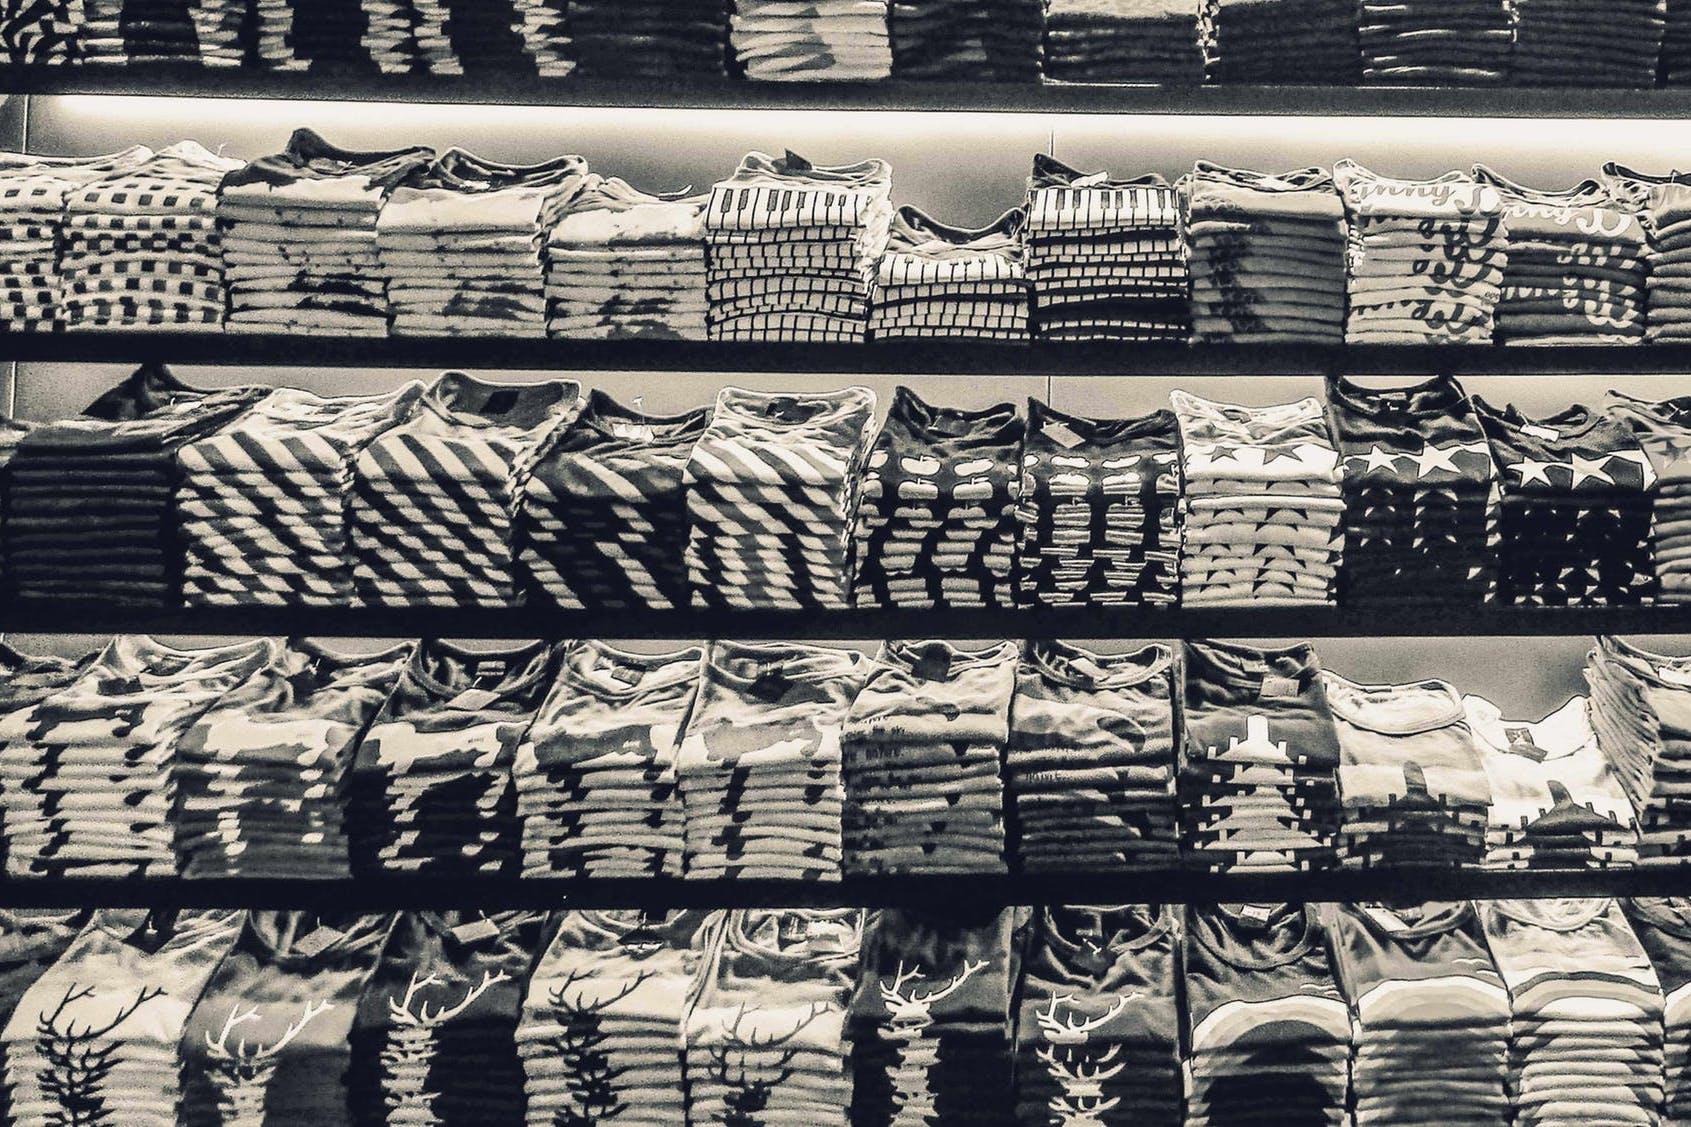 快时尚的副作用有多大?怎么解决?英国环境审查委员会展开专项研究